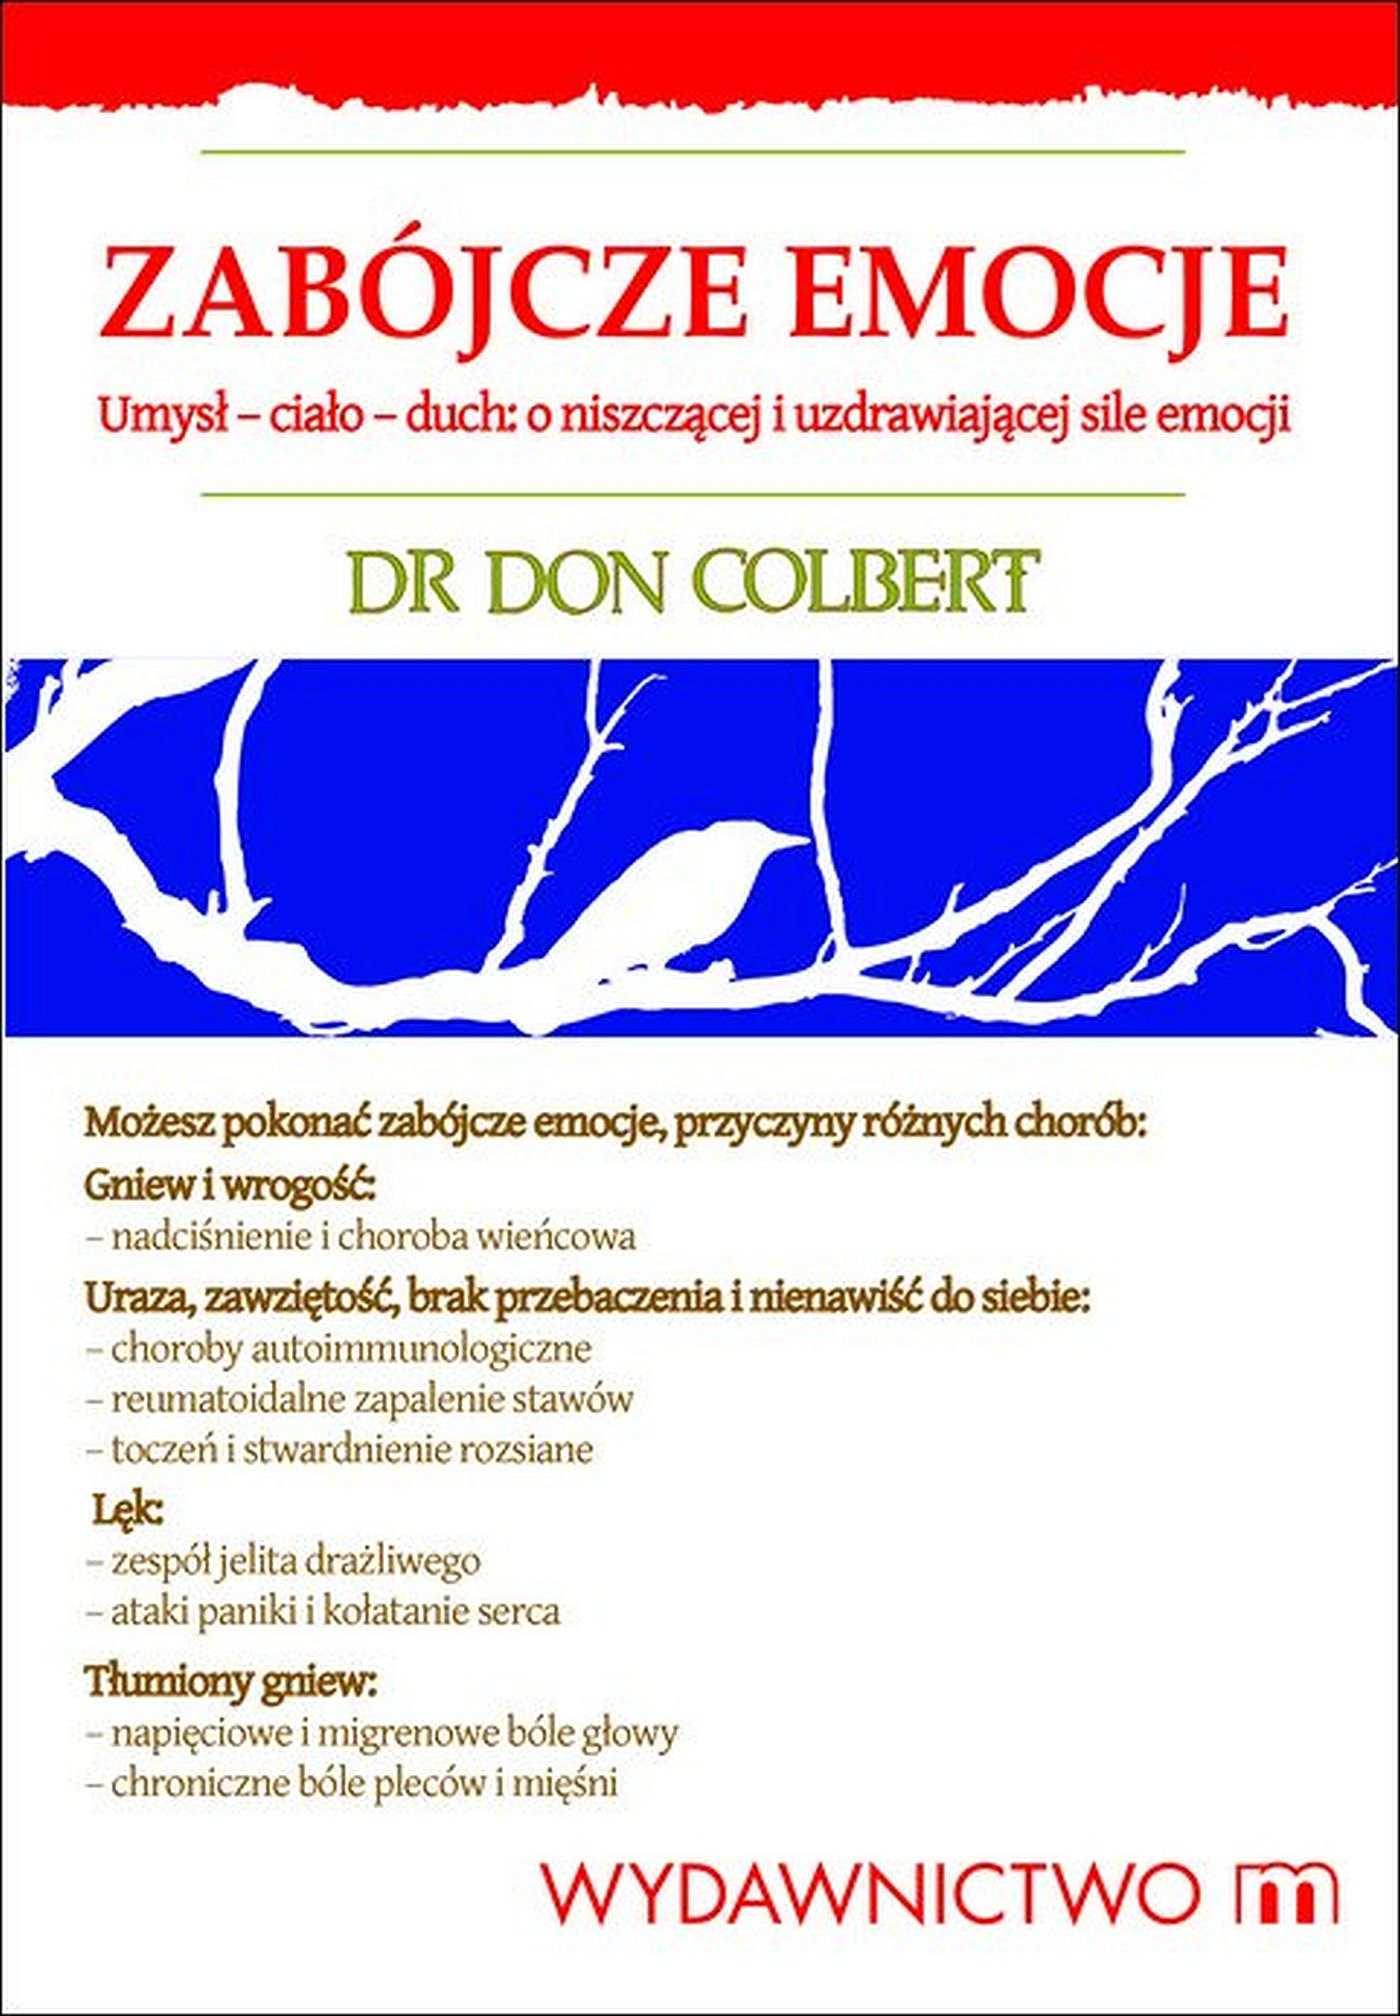 Zabójcze emocje - Ebook (Książka EPUB) do pobrania w formacie EPUB